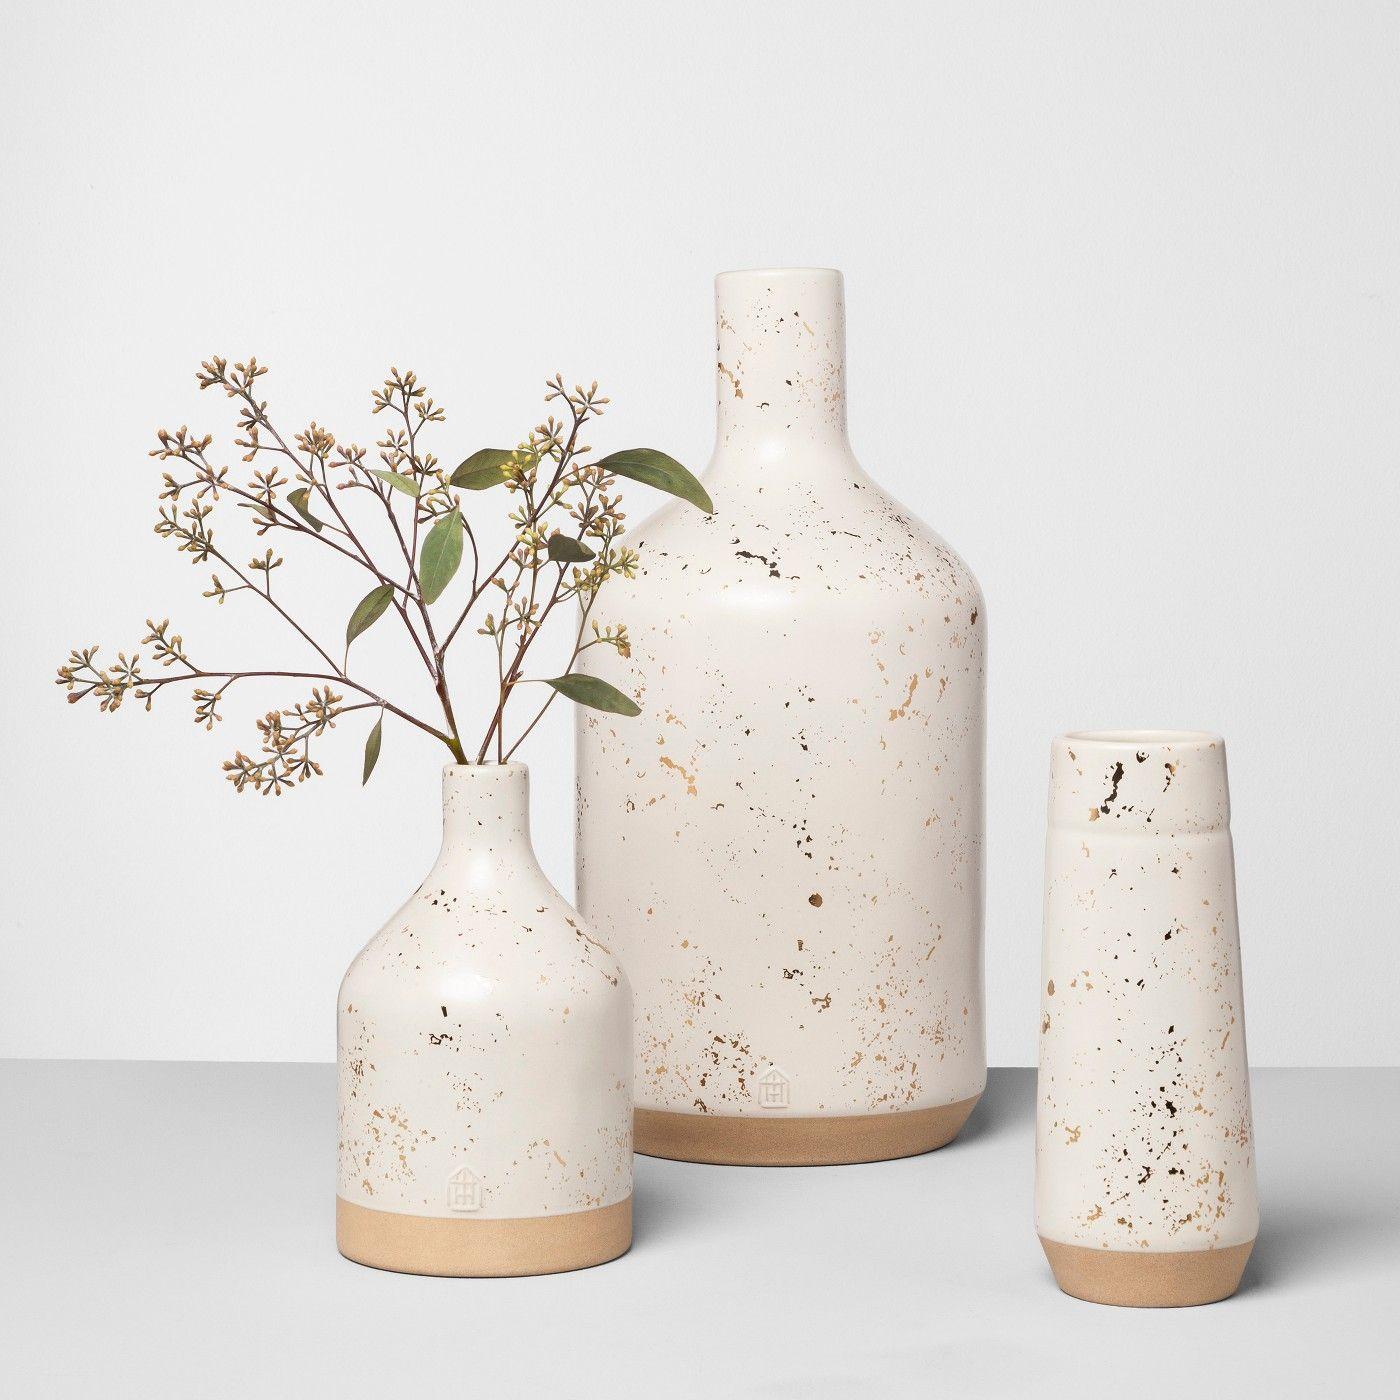 L Speckled Moss Vase